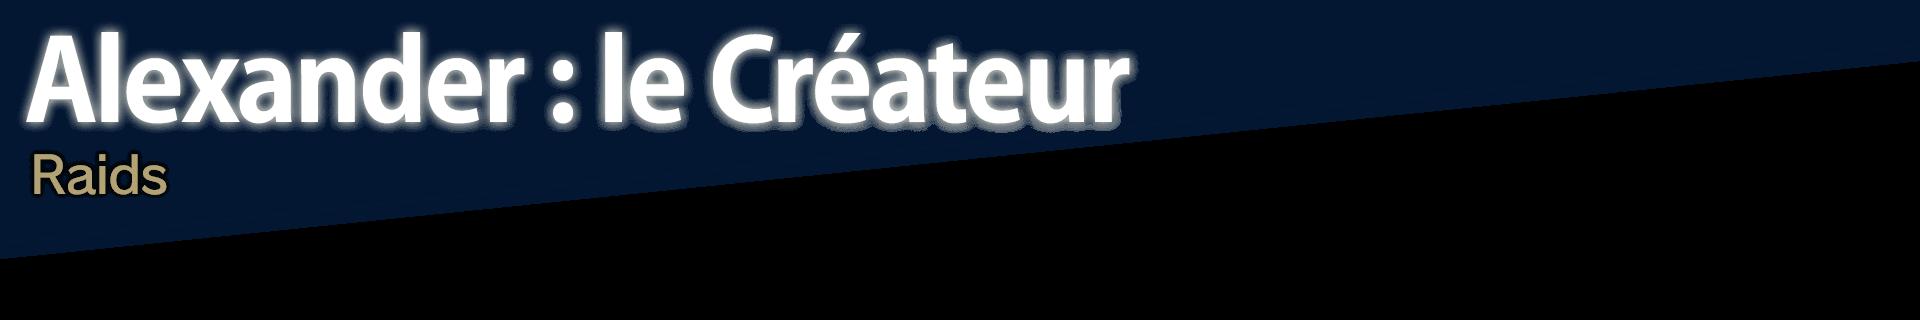 Alexander: le Créateur